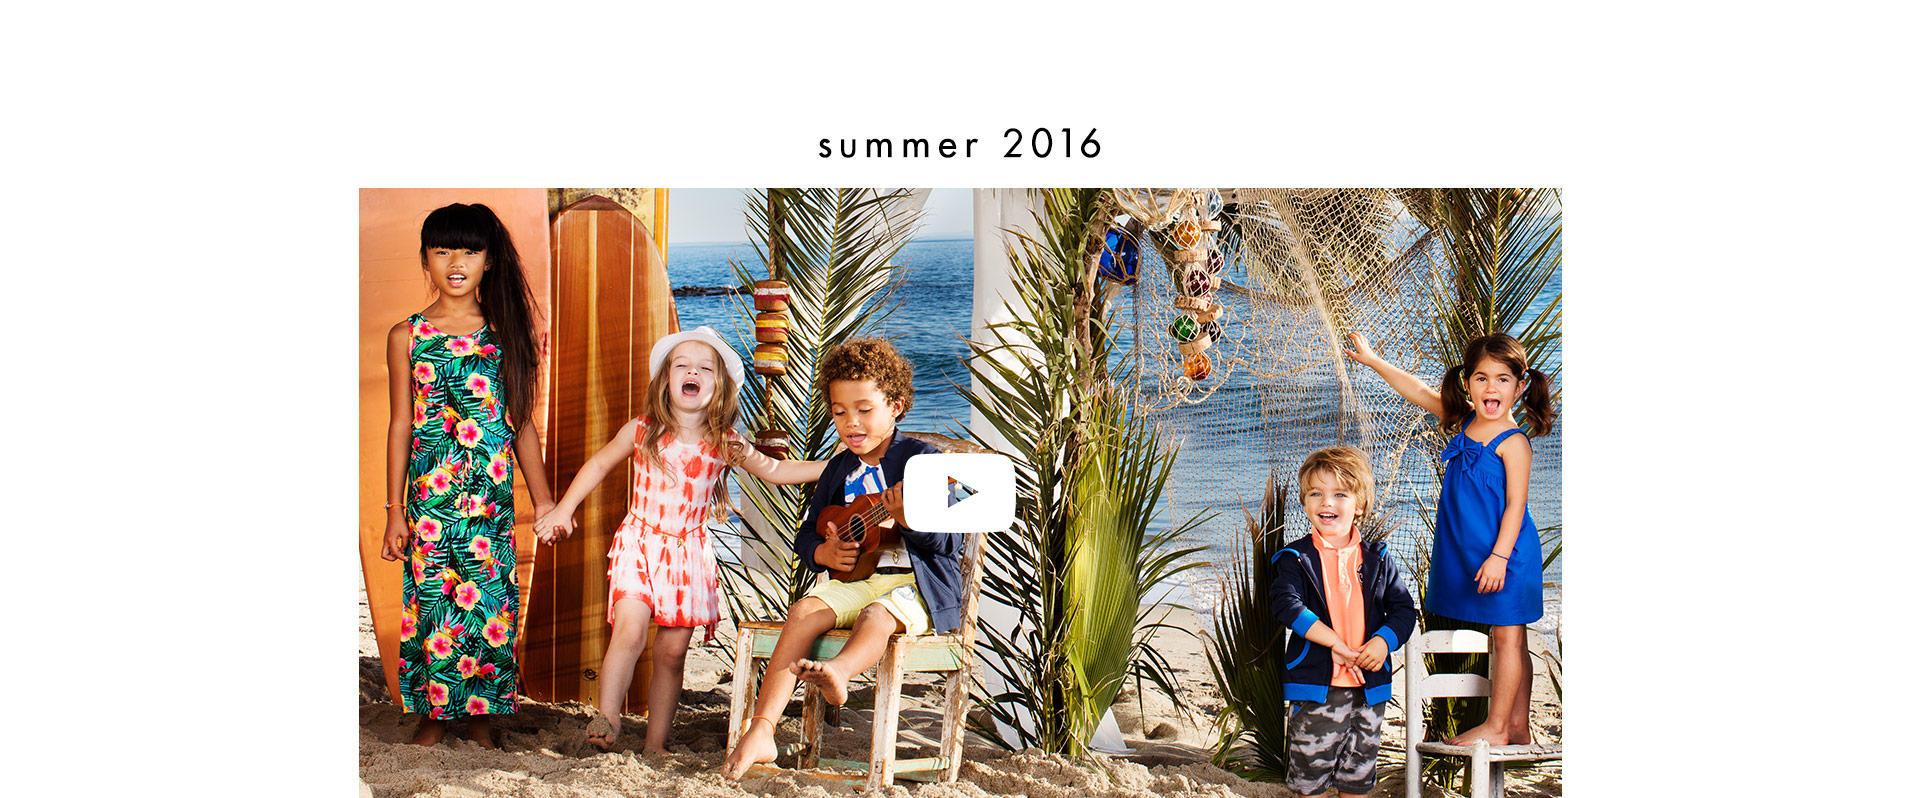 summer 2016 video